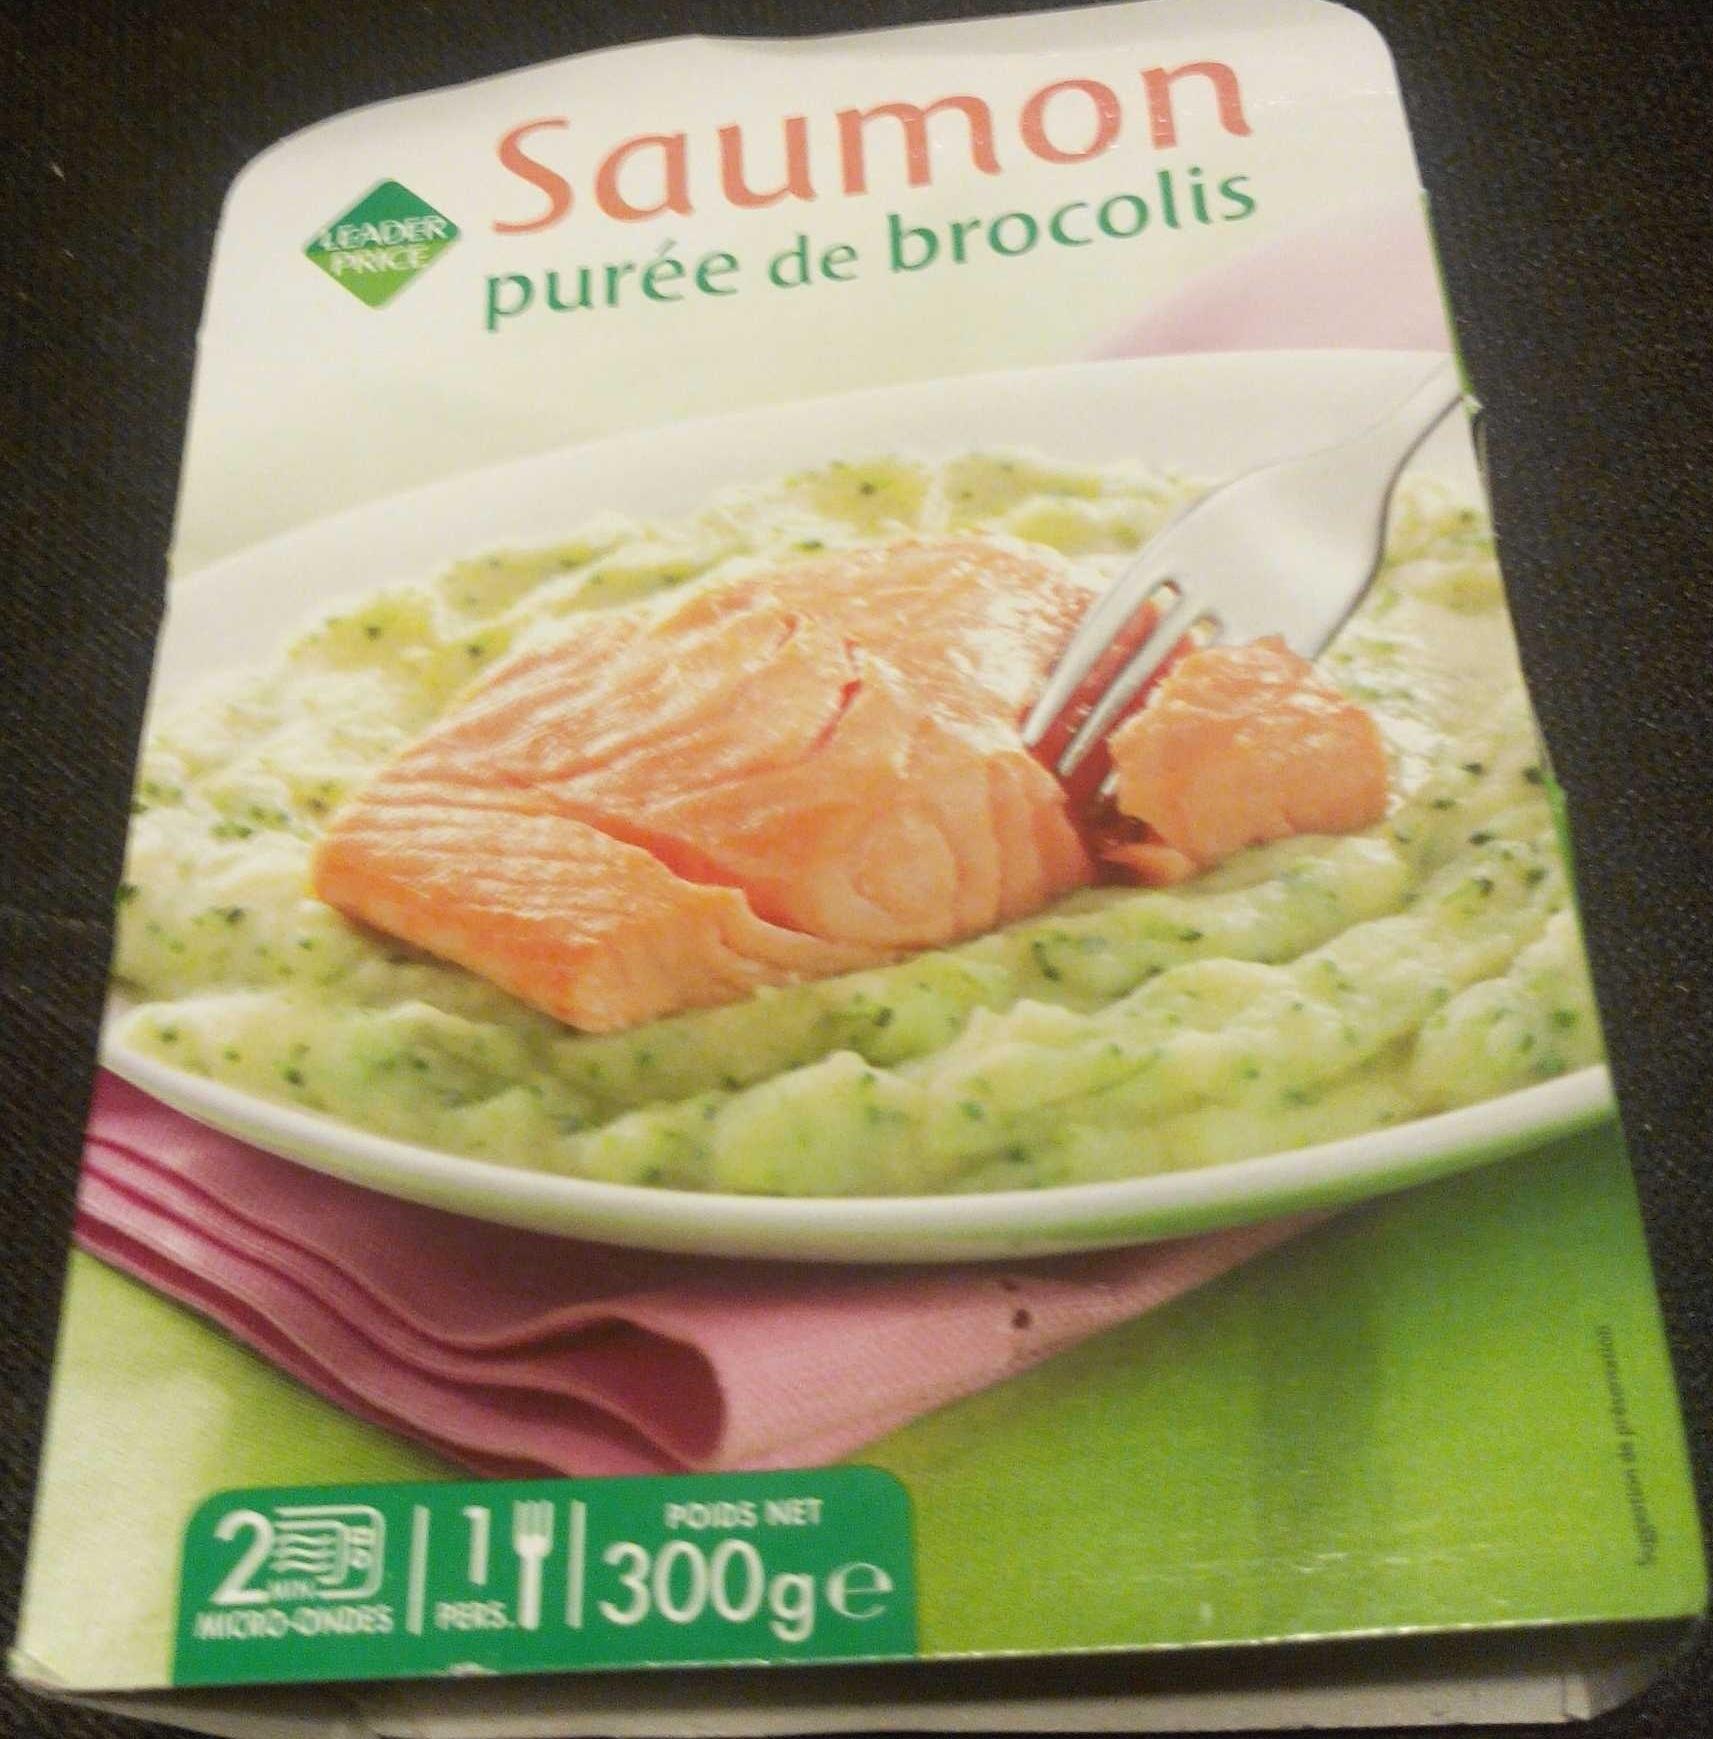 Saumon purée de brocolis - Produit - fr